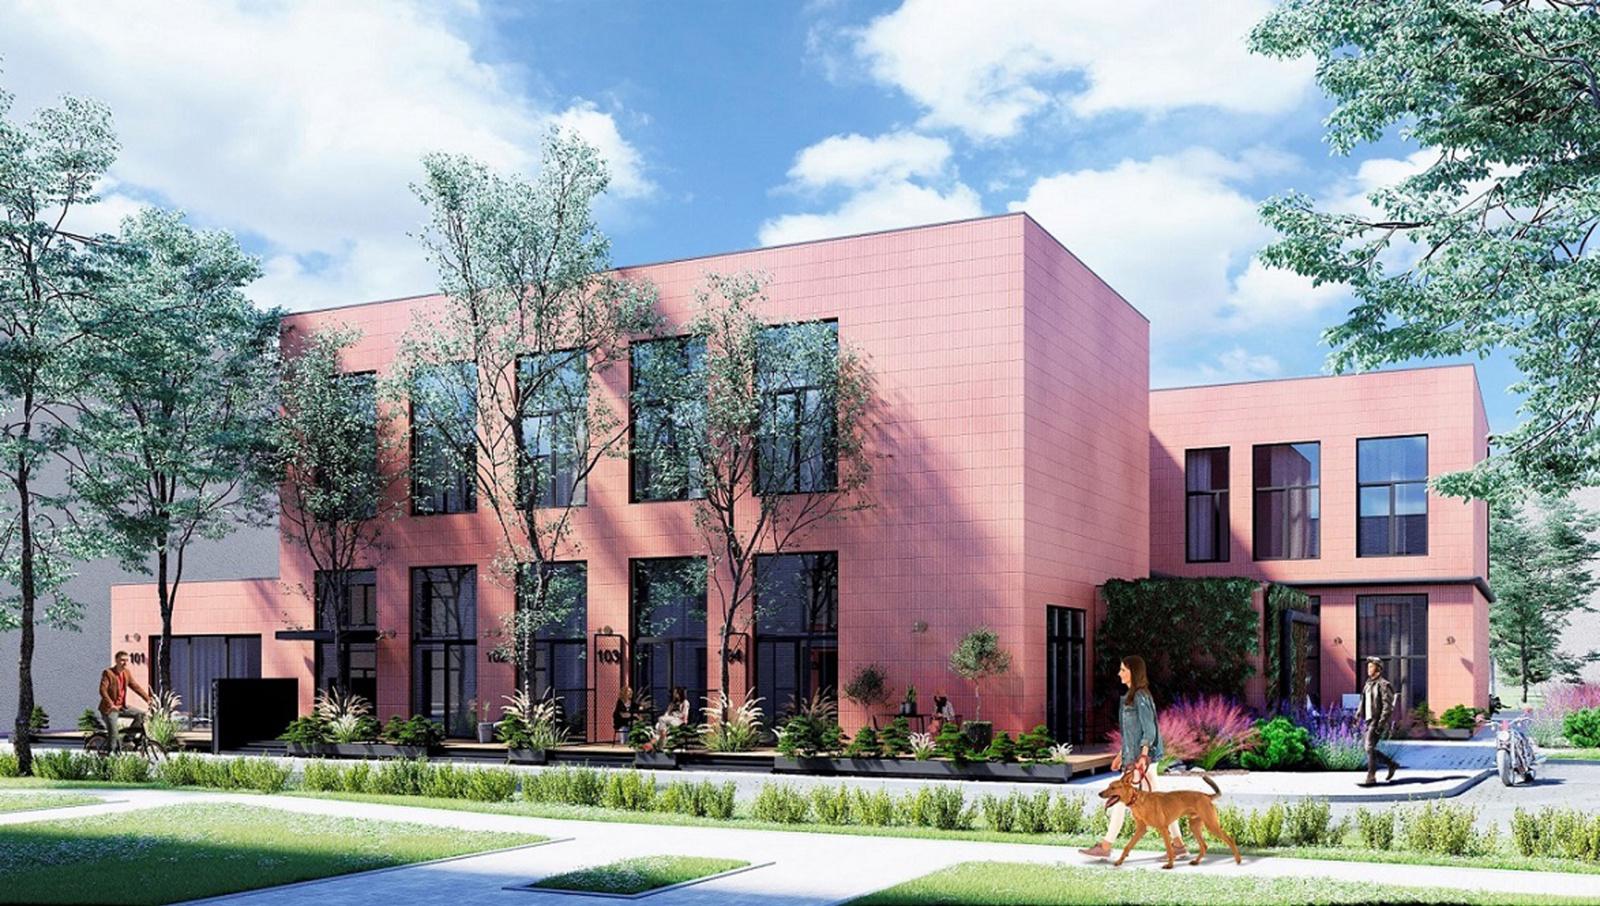 Vilniuje - naujas 25 loftų projektas, planuojama investuoti 1,5 mln. eurų